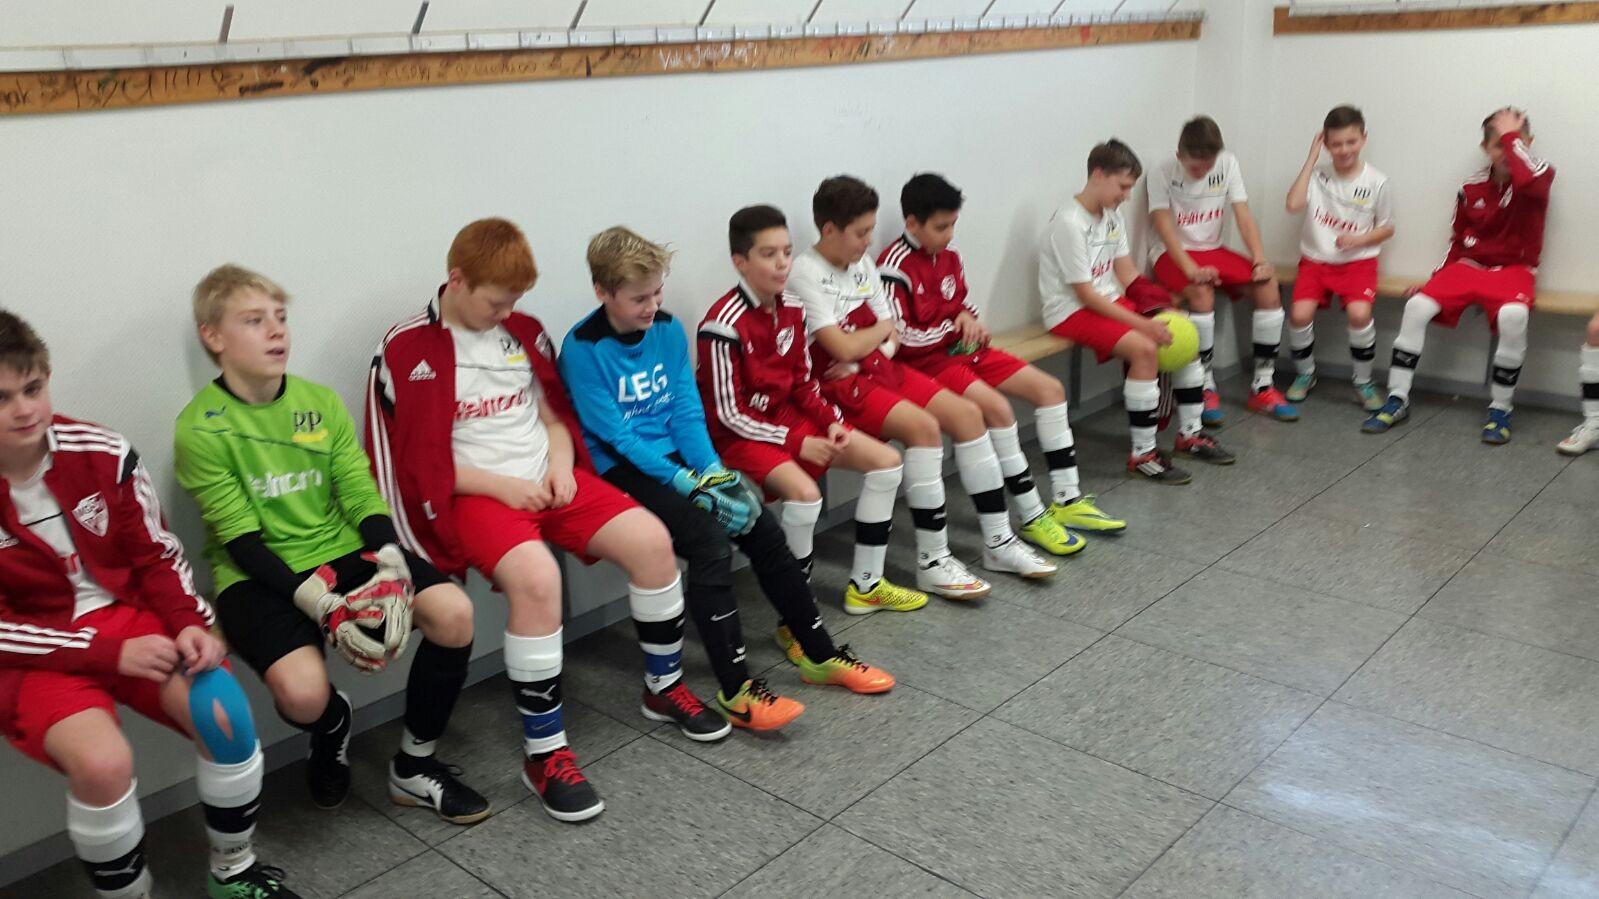 27.12.2015 Vorrunde Hallenstadtmeisterschaft - 1. Platz